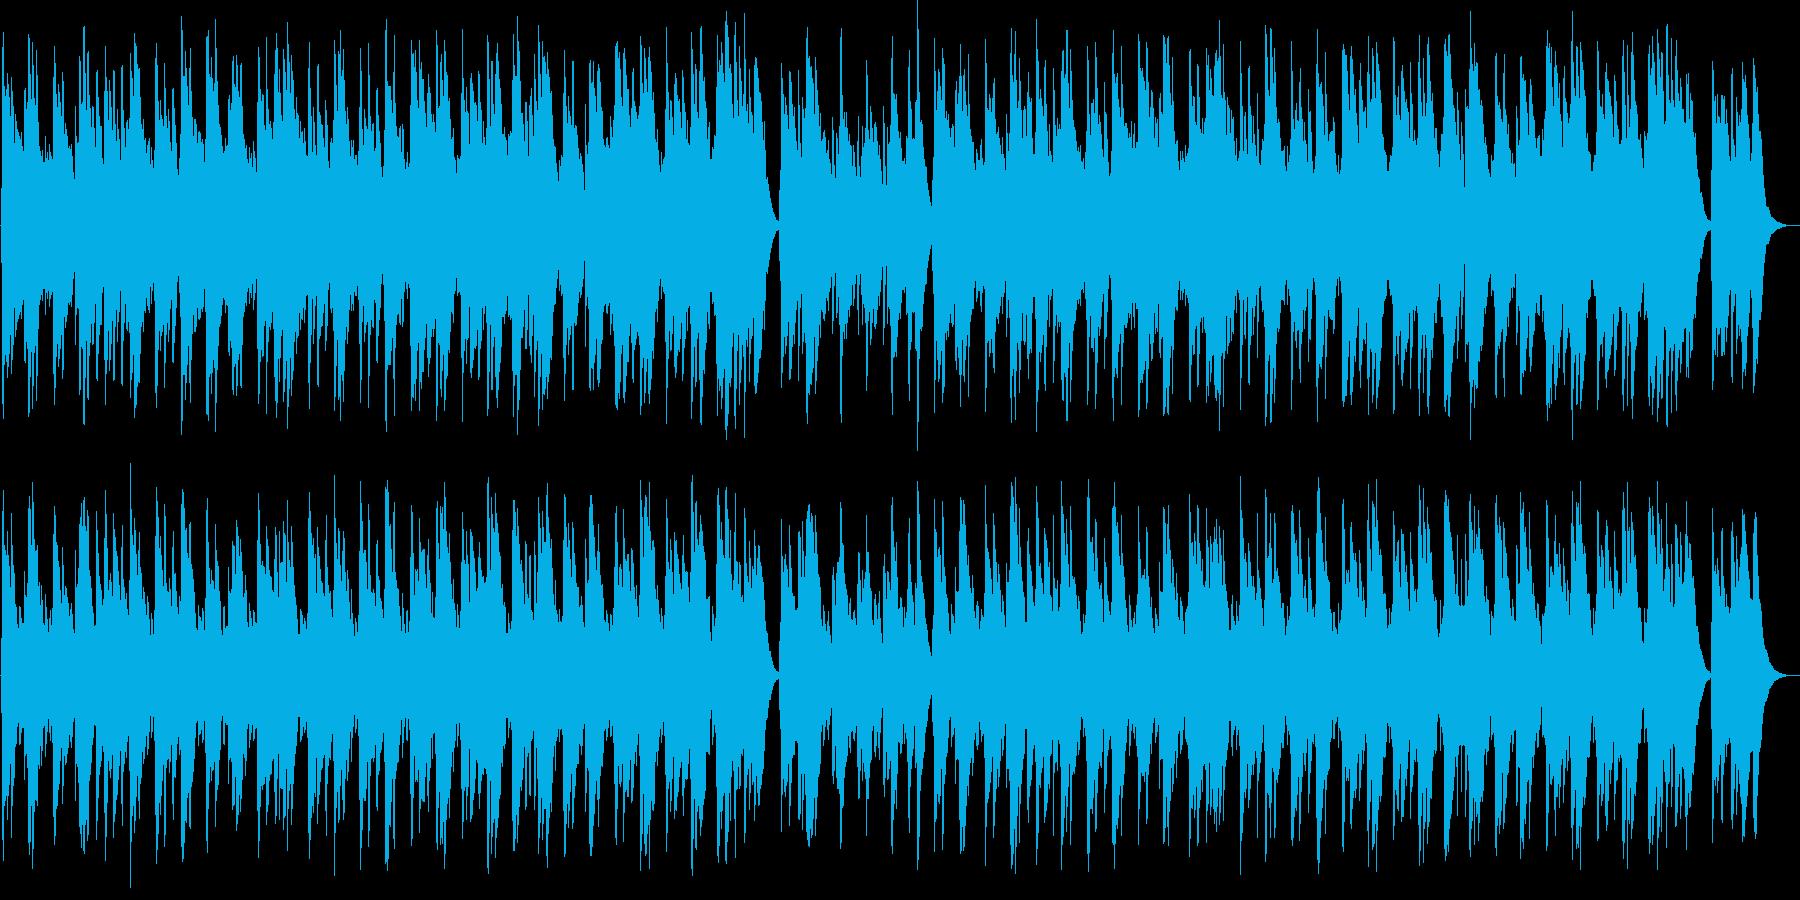 サンタルチア(オルゴール)の再生済みの波形